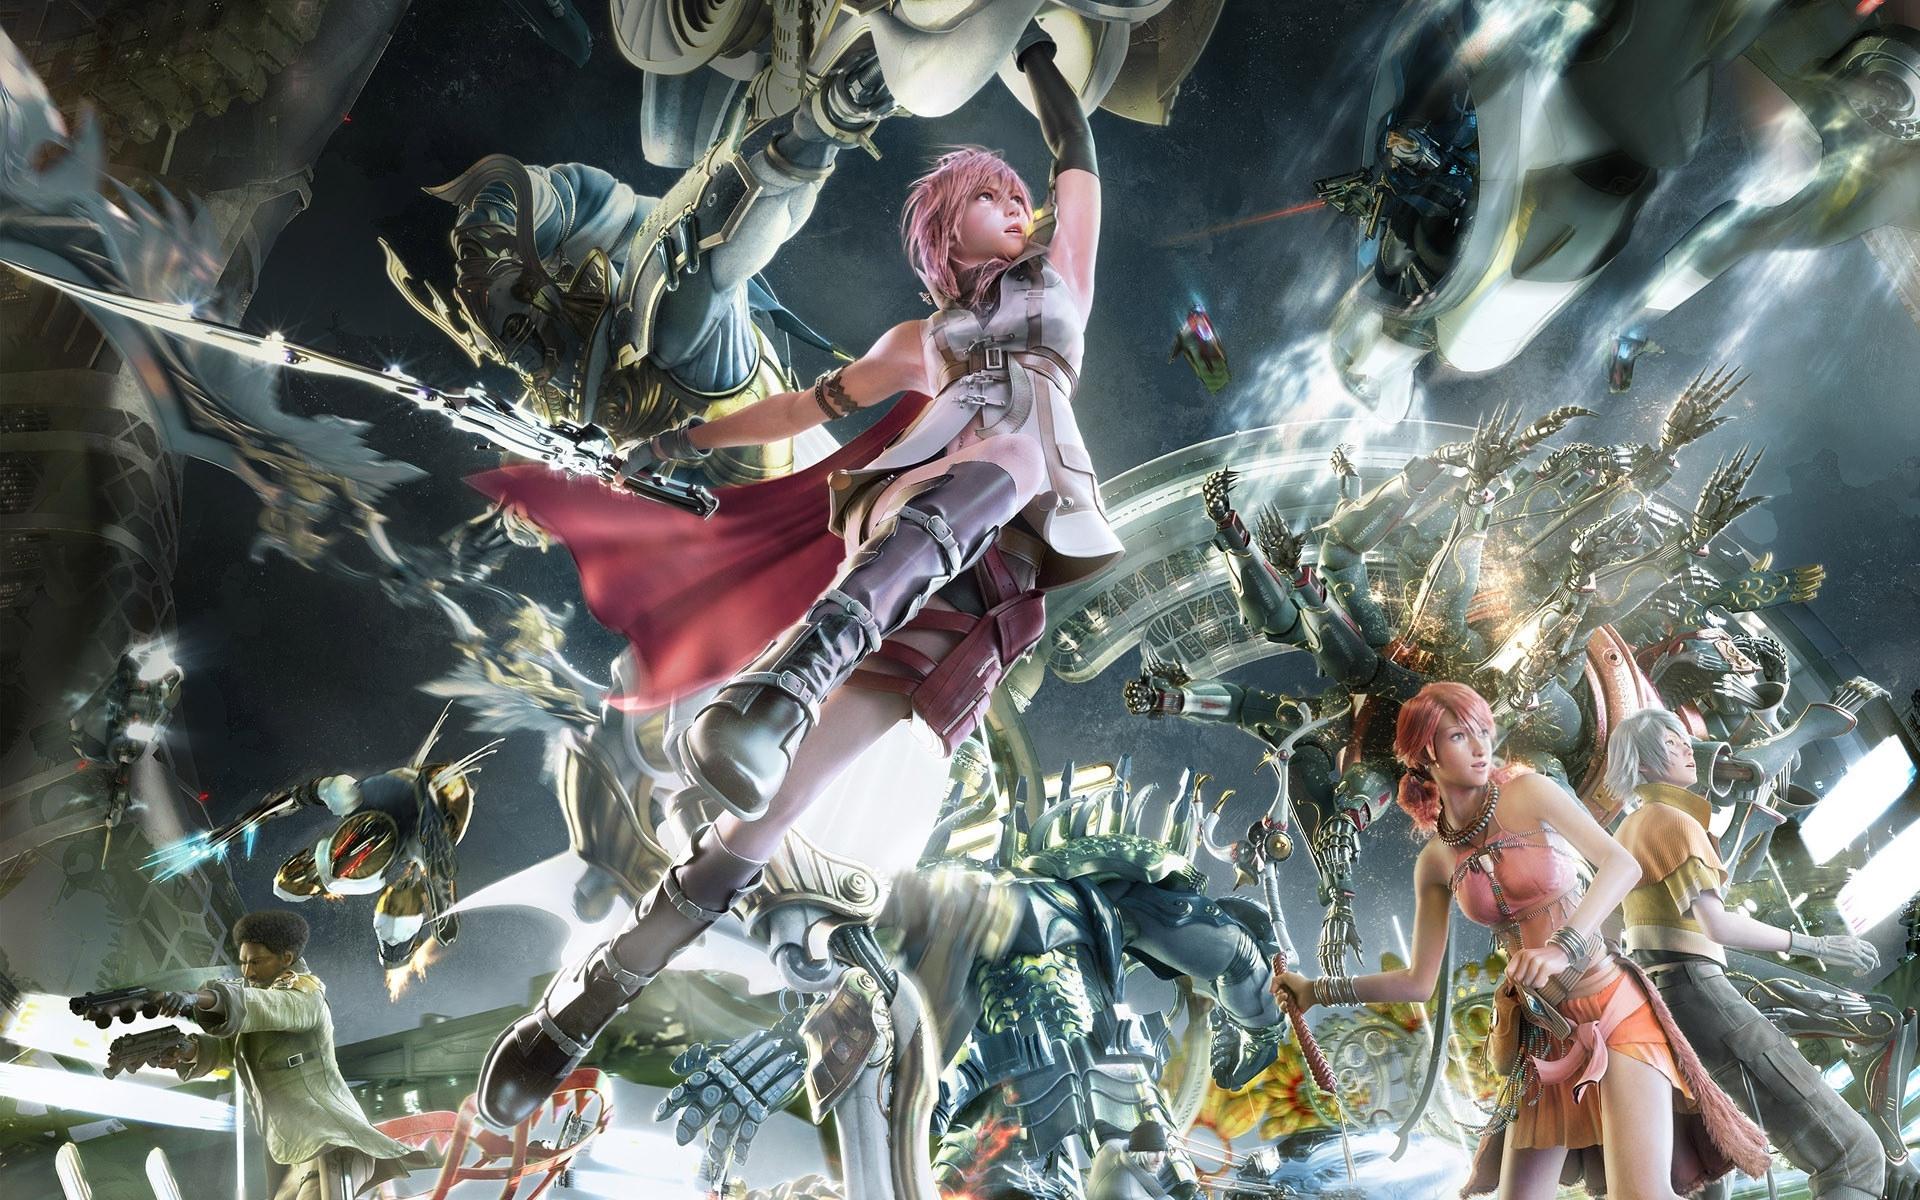 26573 Hintergrundbild herunterladen Spiele, Final Fantasy - Bildschirmschoner und Bilder kostenlos